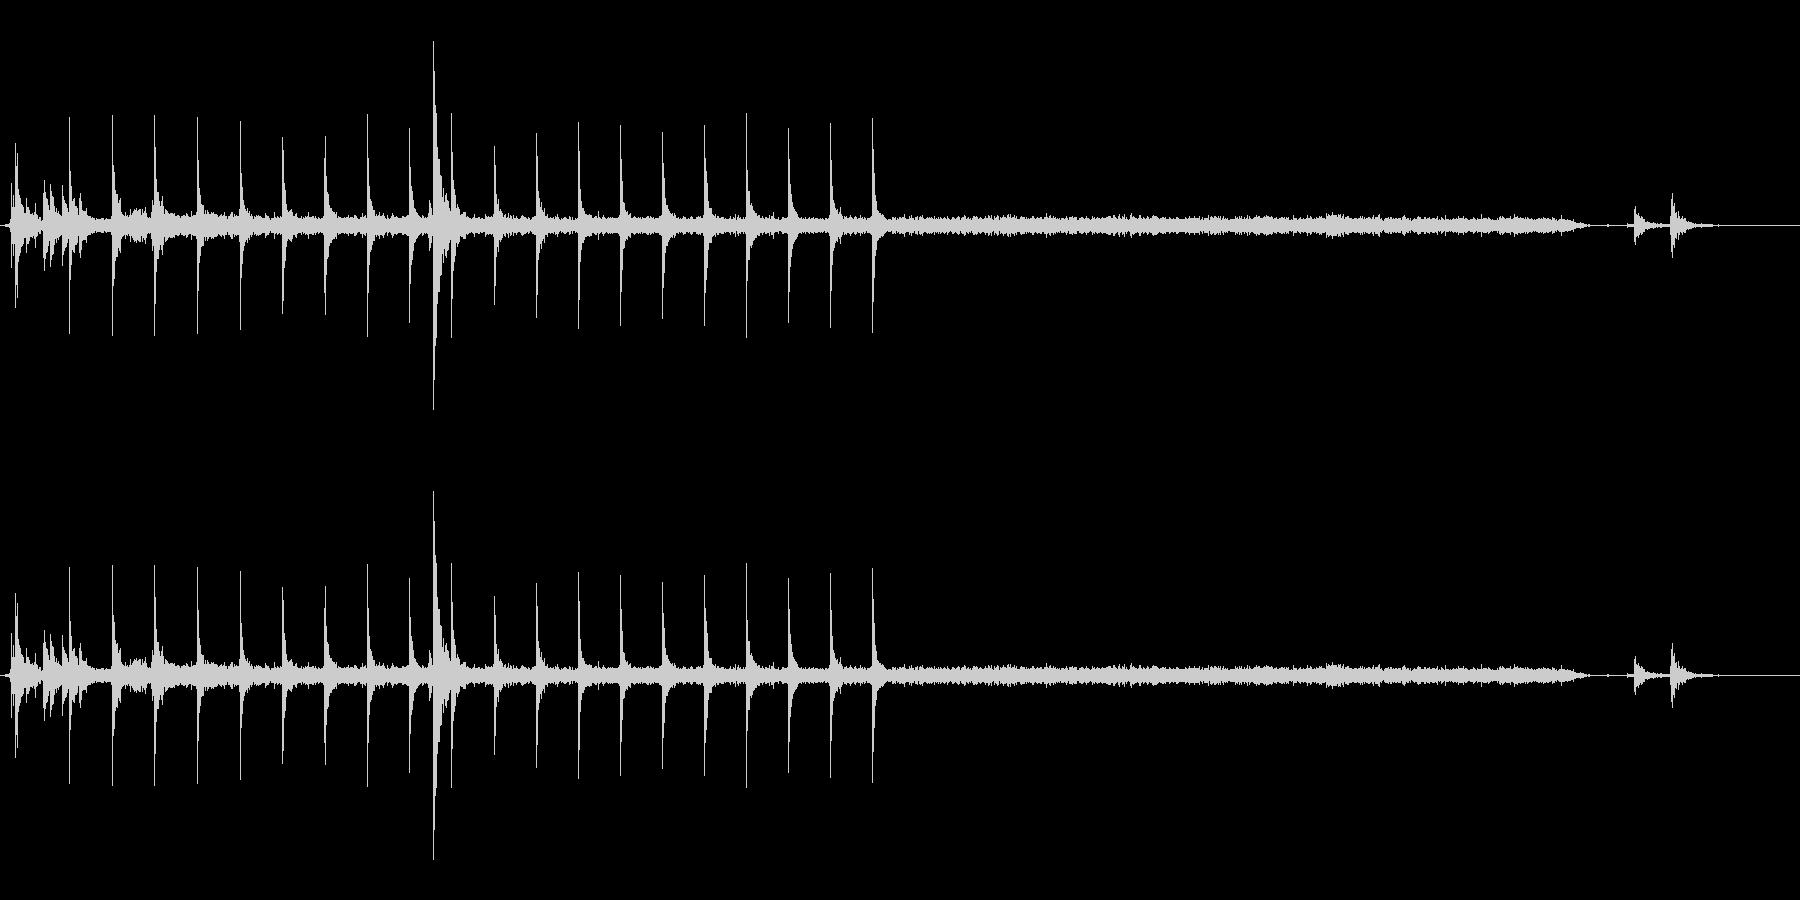 点火音の未再生の波形